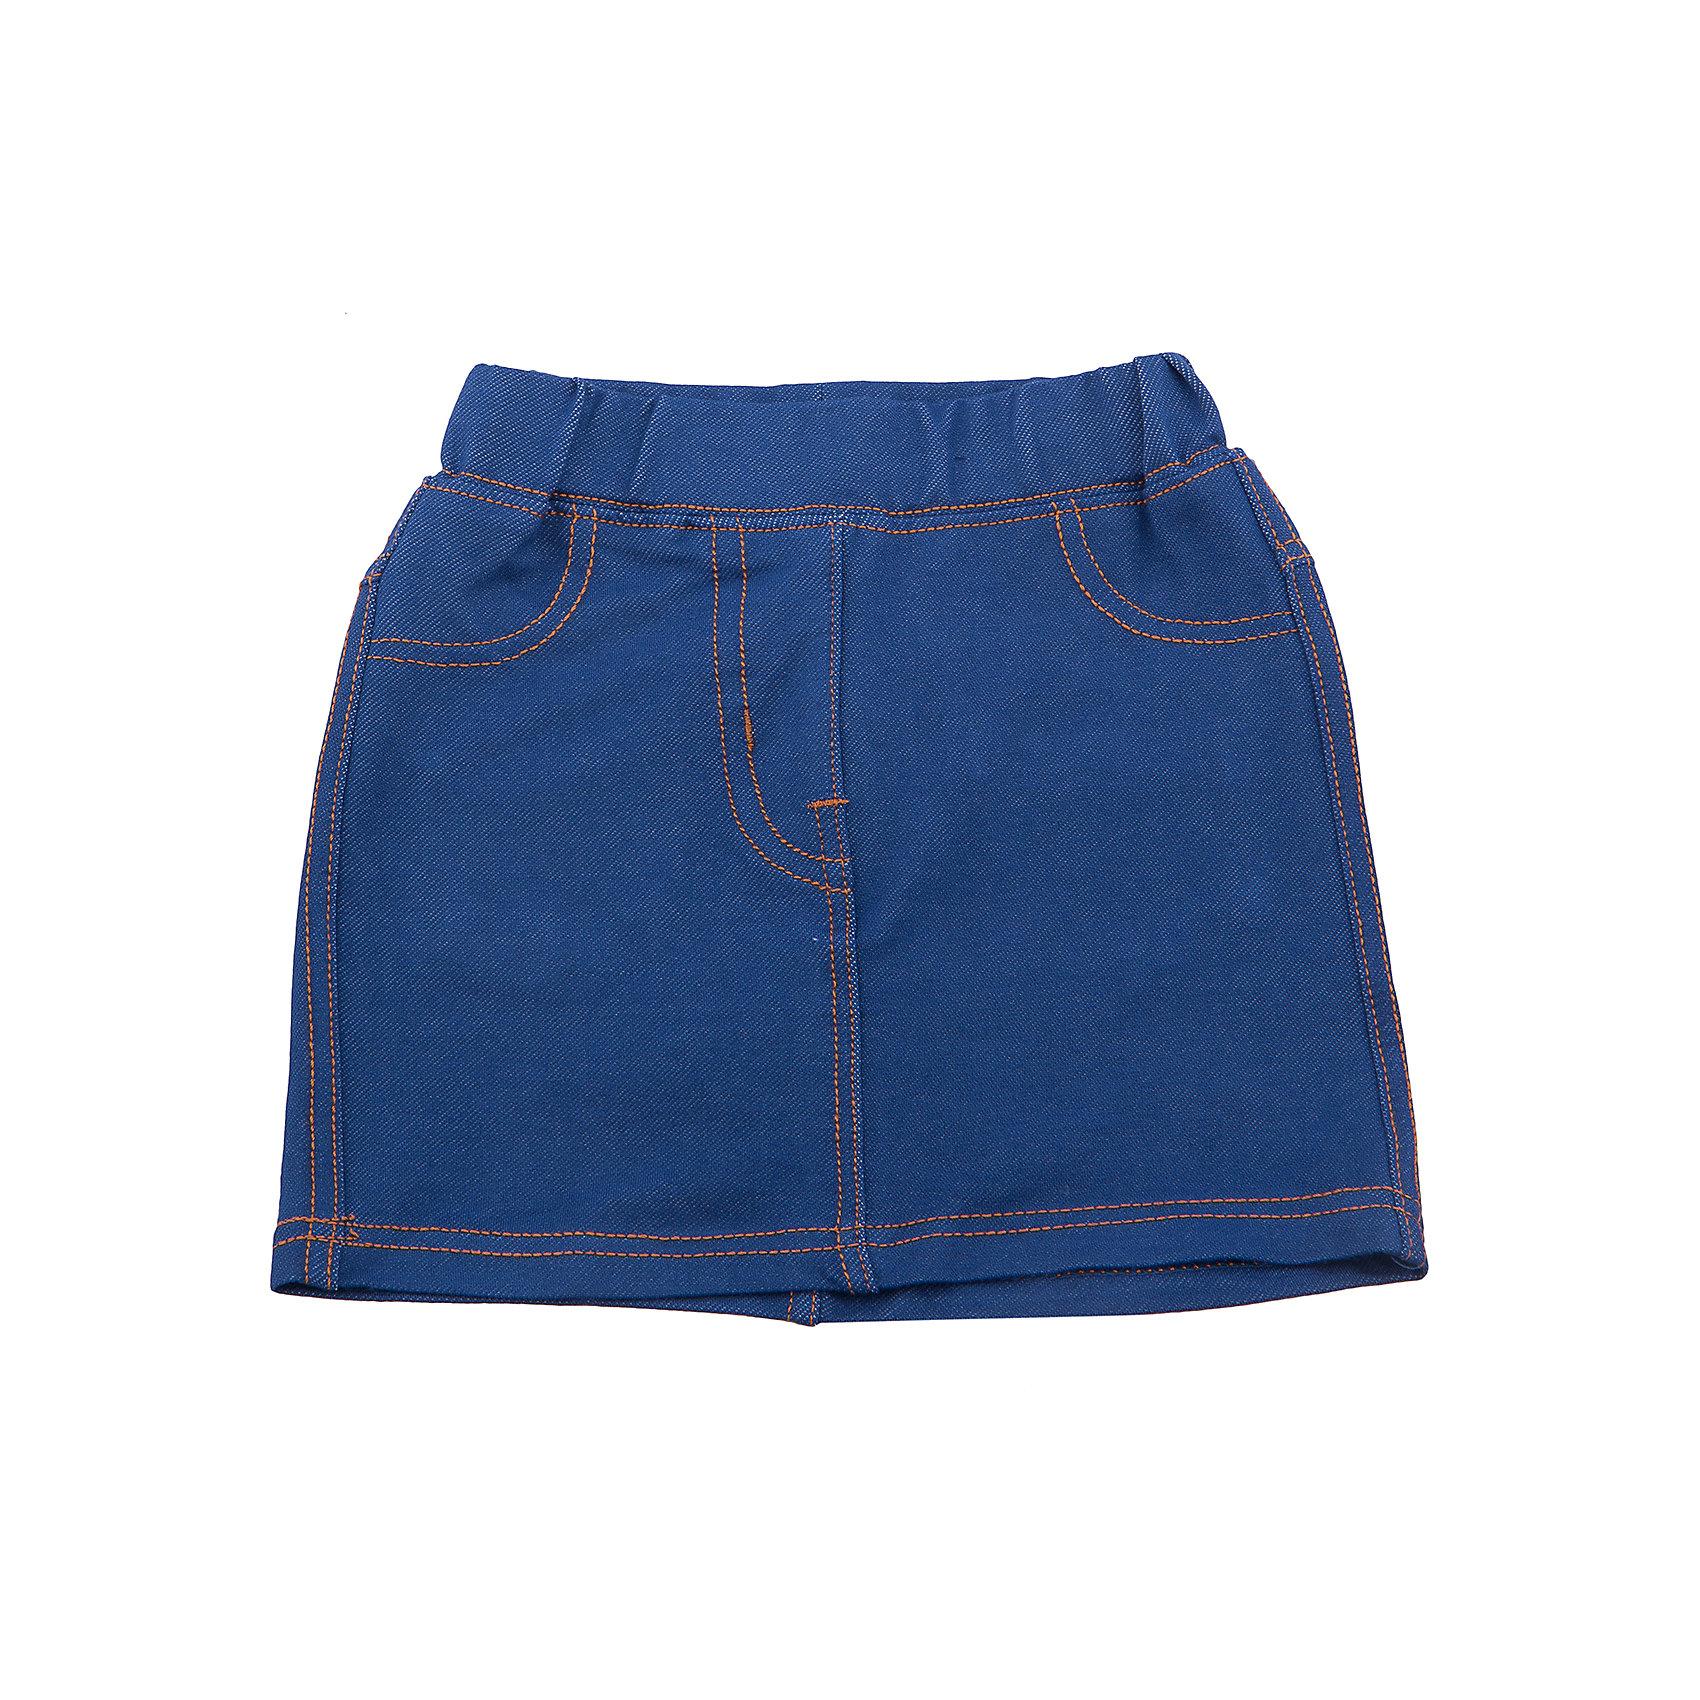 Юбка джинсовая для девочки Sweet BerryДжинсовый бум<br>Трикотажная юбка для девочки под Джинсу. Пояс на резинке. Контрастная отстрочка. Сзади два накладных кармана.<br>Состав:<br>95%хлопок 5%эластан<br><br>Ширина мм: 207<br>Глубина мм: 10<br>Высота мм: 189<br>Вес г: 183<br>Цвет: синий<br>Возраст от месяцев: 12<br>Возраст до месяцев: 15<br>Пол: Женский<br>Возраст: Детский<br>Размер: 80,86,92,98<br>SKU: 5411193